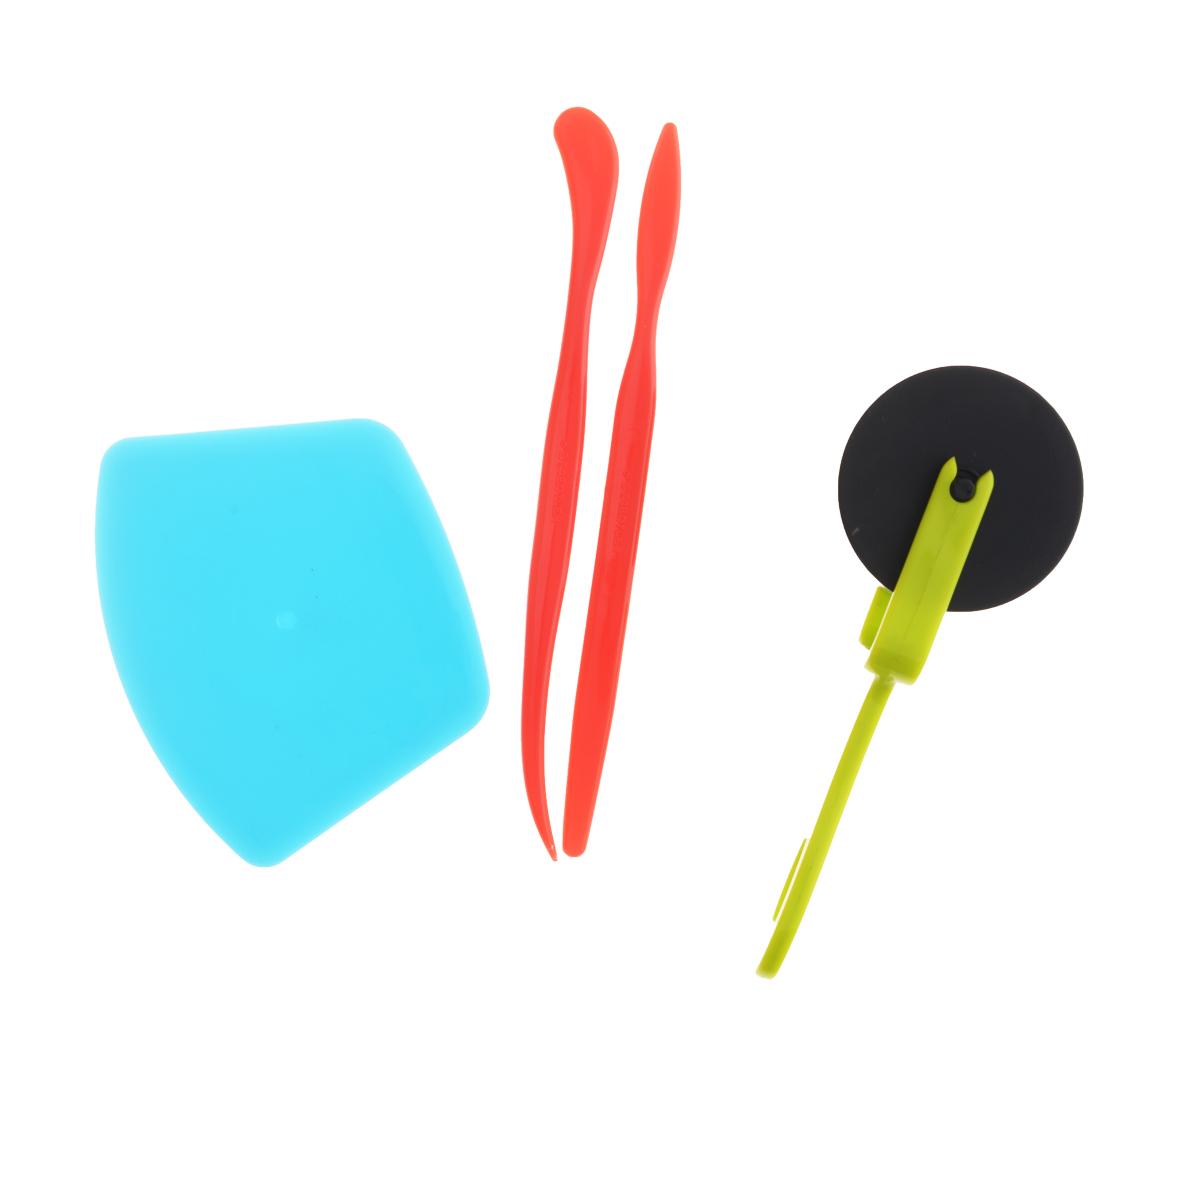 Набор инструментов для лепки Fimo Kids, 4 предмета8700 31Дети обожают лепить из пластилина, что особенно интересно с набором специальных инструментов для лепки Fimo Kids. Набор включает в себя: 2 стека для моделирования, резак, ролик. С набором можно раскатывать пластилин роликом, создавать разные фигурки с помощью помощью стеков. Наборы инструментов разработаны так, чтобы дети получили радость и удовольствие от моделирования! Фантазируйте, экспериментируйте и воплощайте идеи! Пластилин в комплект не входит.